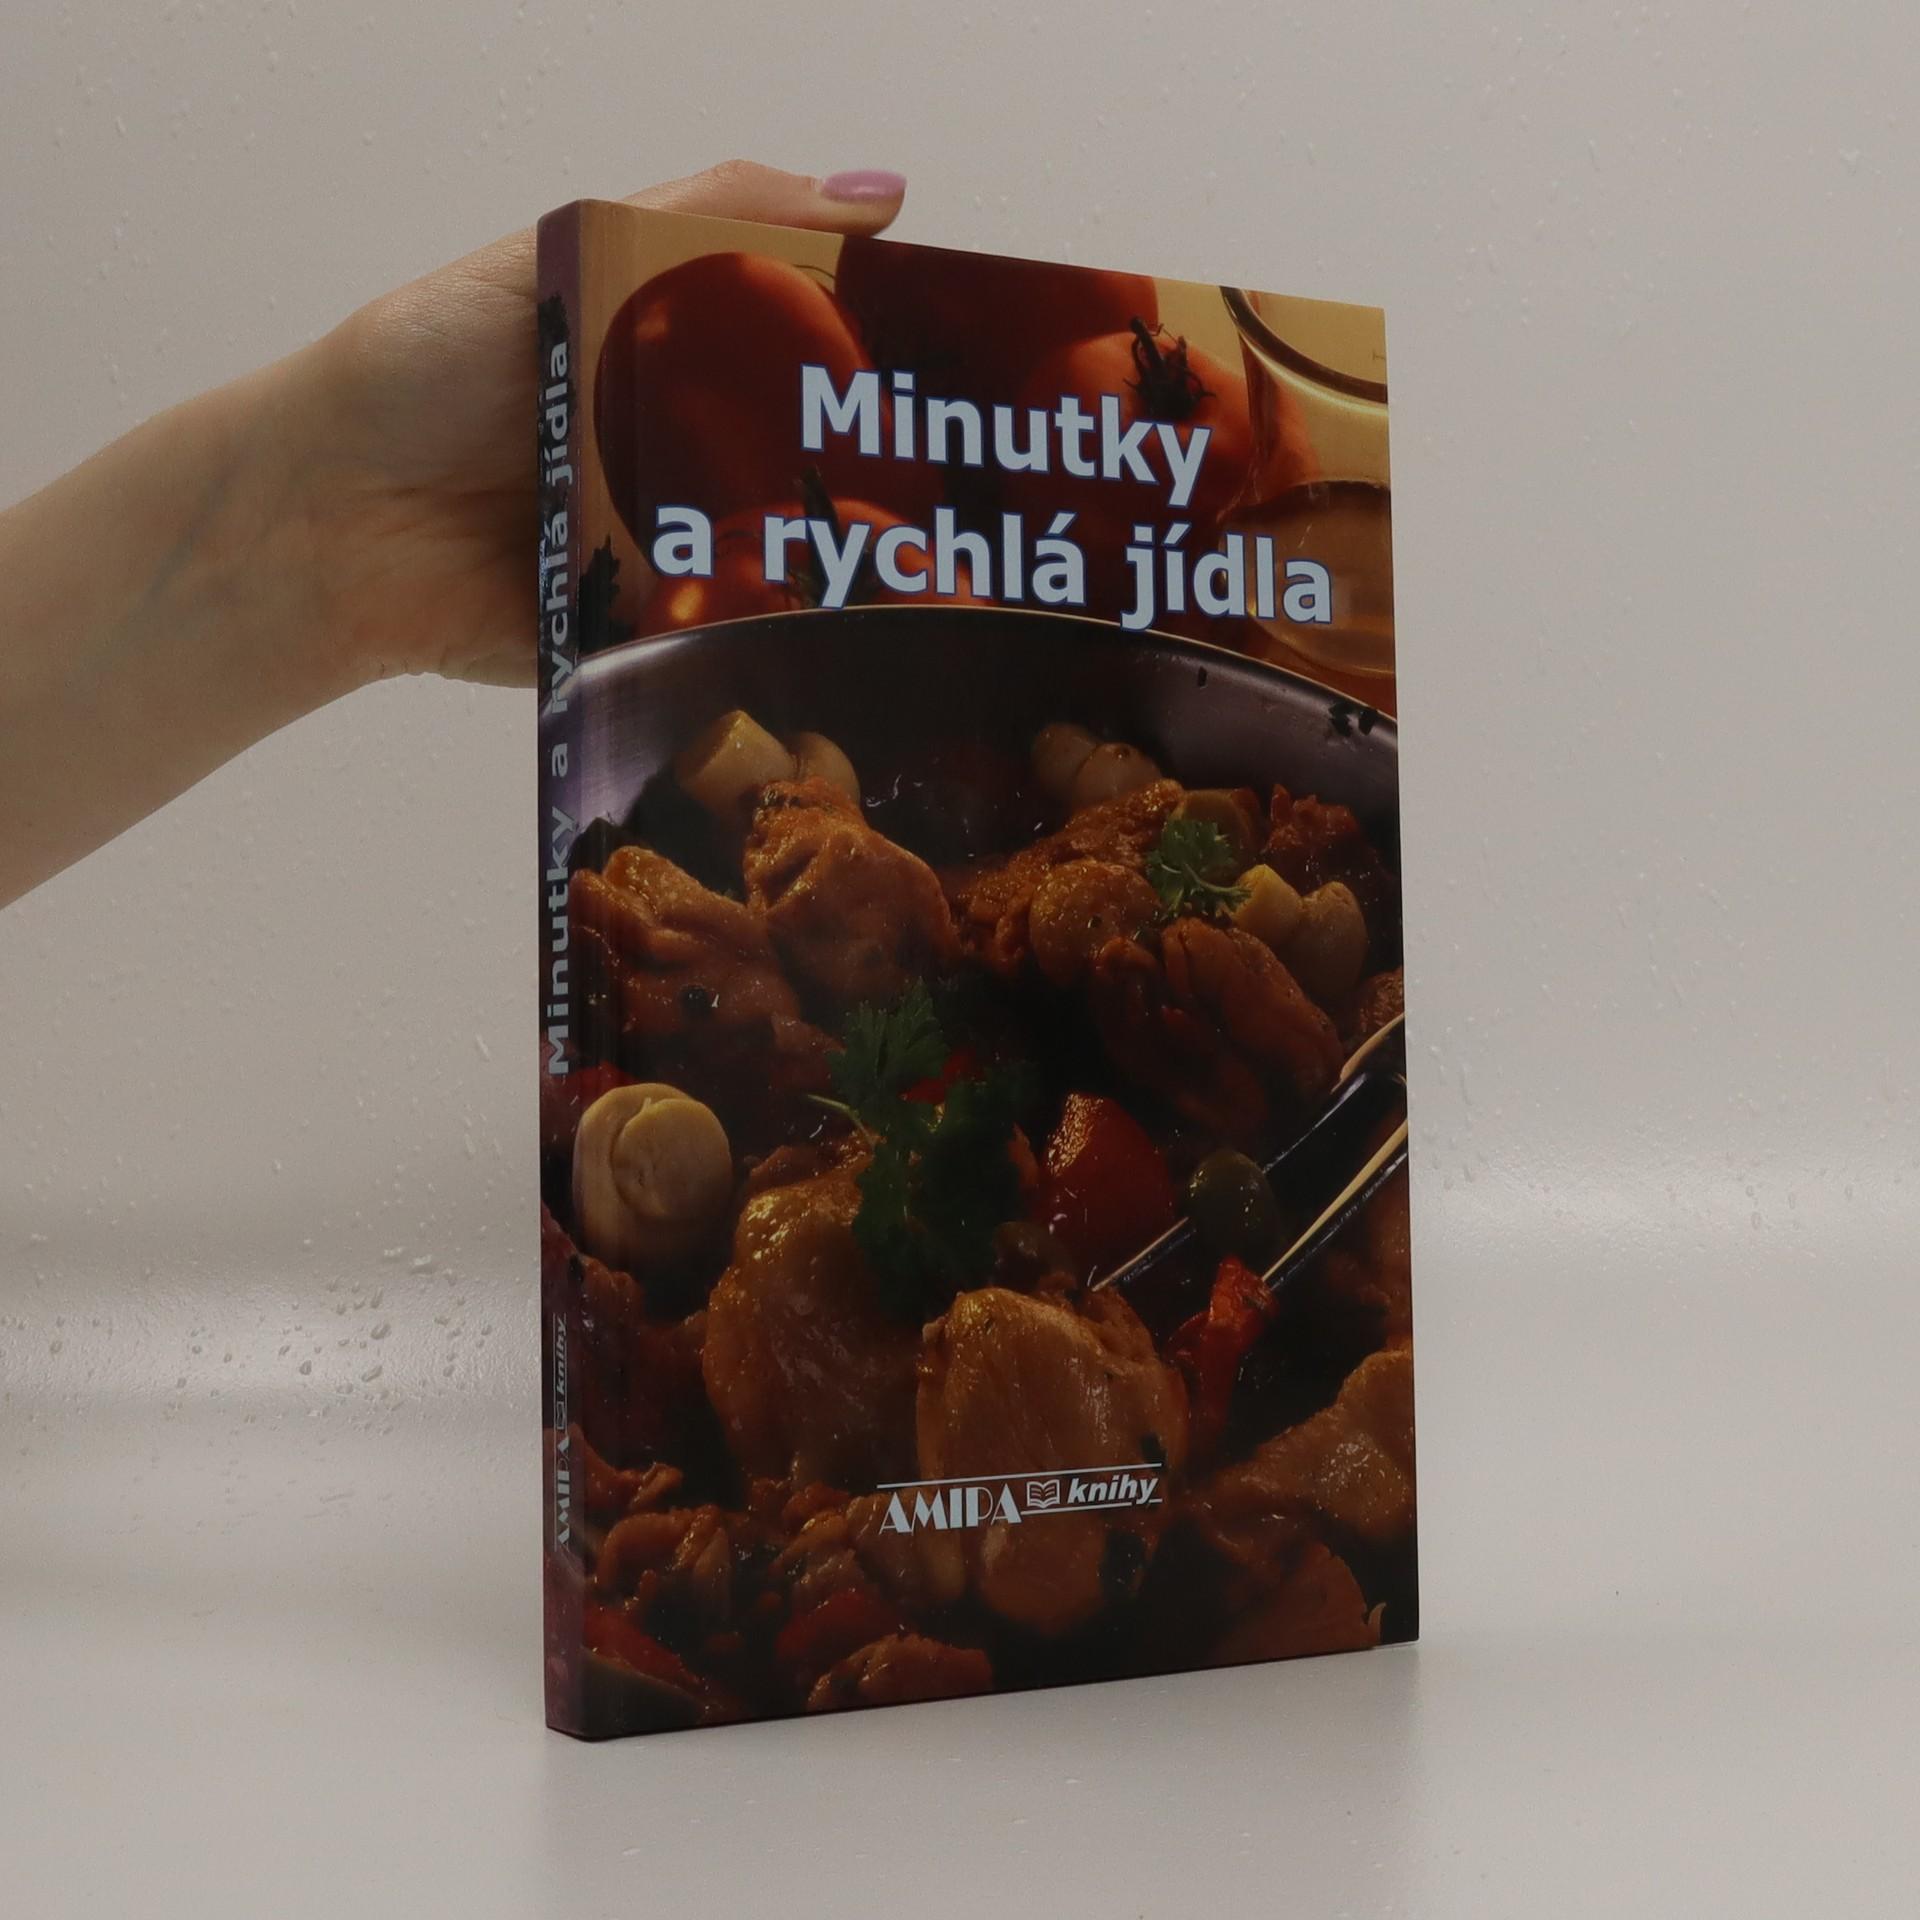 antikvární kniha Minutky a rychlá jídla, 2006